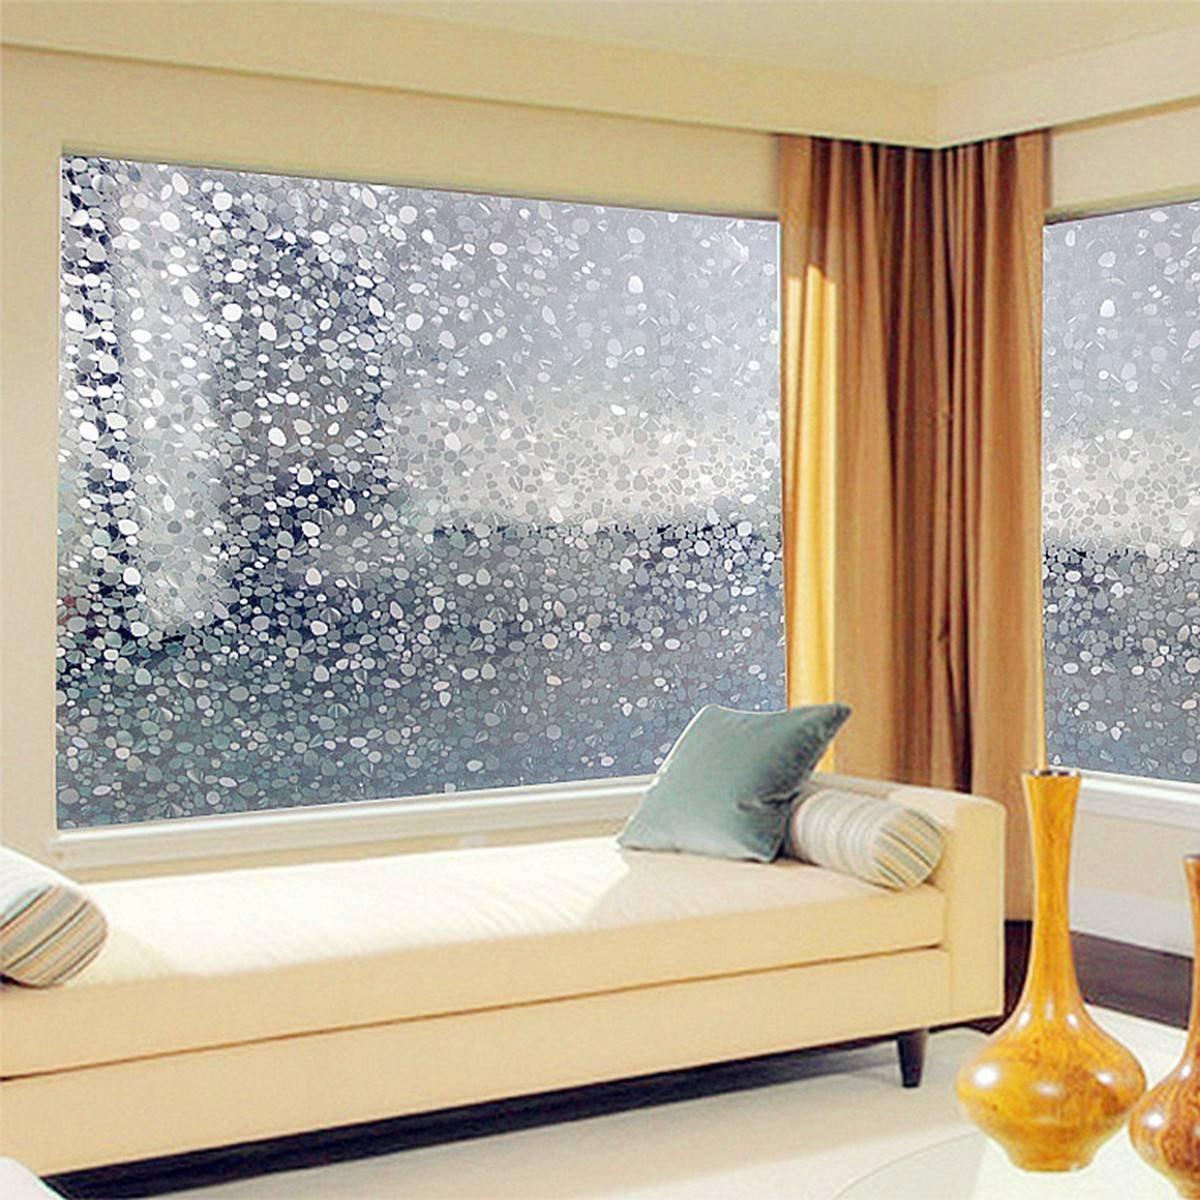 6x 100cm kieselsteine sichtschutzfolie milchglasfolie. Black Bedroom Furniture Sets. Home Design Ideas